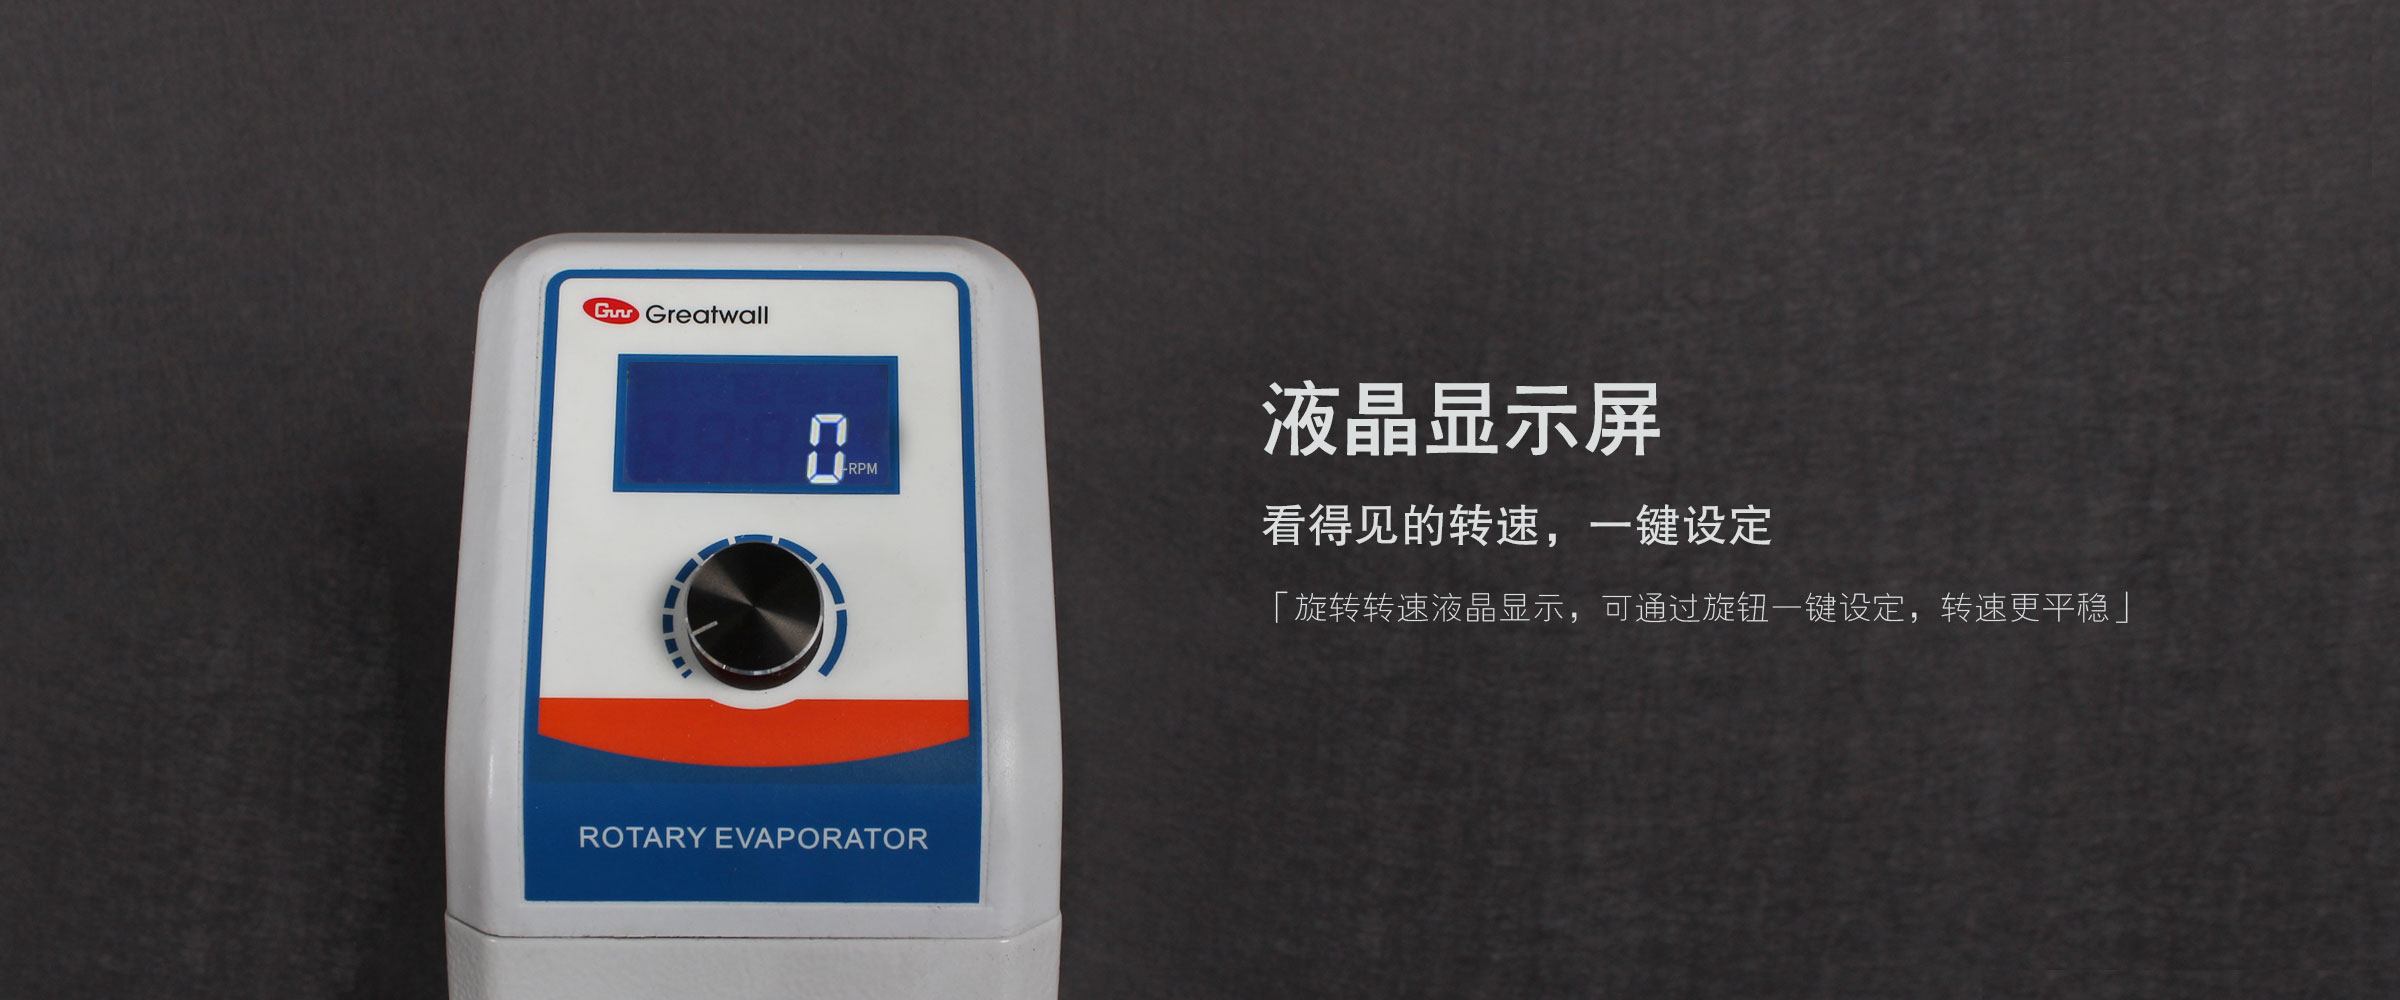 旋转蒸发器电动升降 (4)